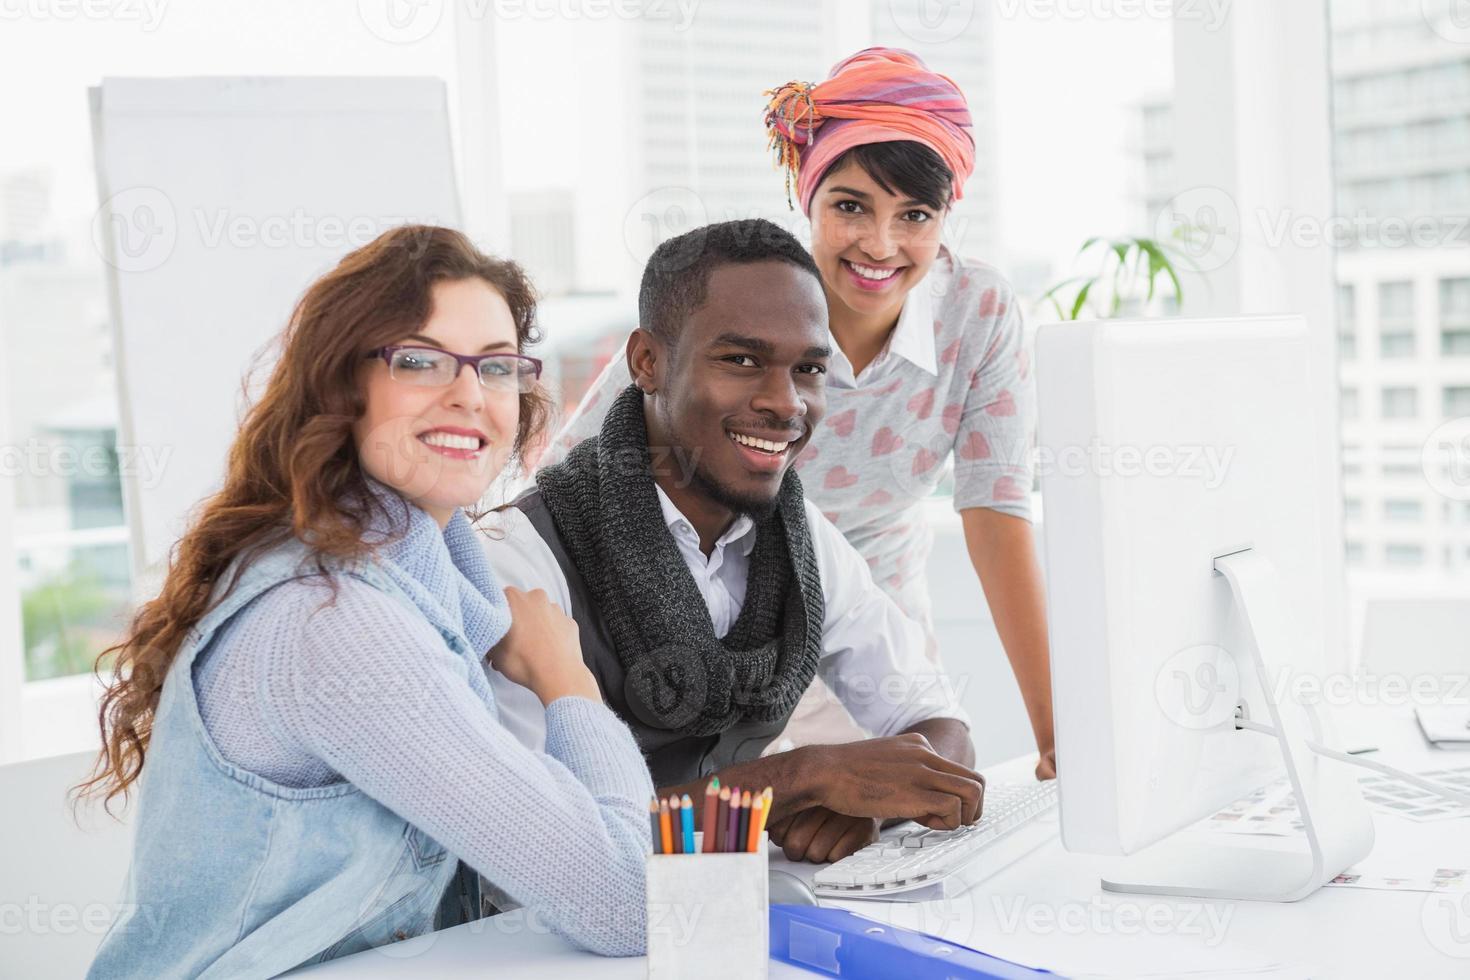 colegas de trabalho posando e olhando para a câmera a sorrir foto